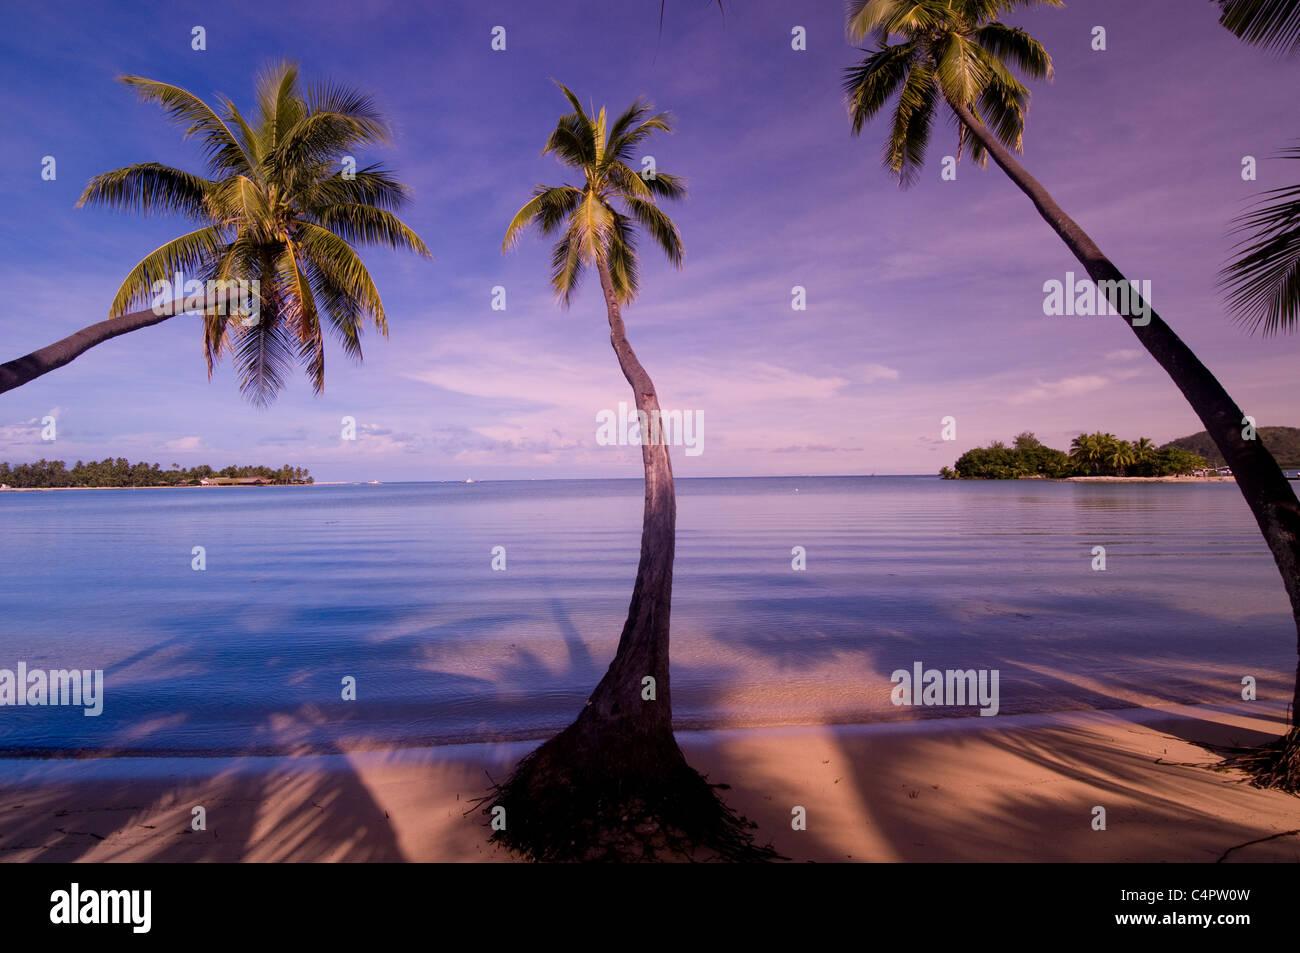 Palmen auf der Musket Cove Bay Insel von Malolo Lailai in der Mamanuca Inselgruppe Fidschi South Pacific Stockbild